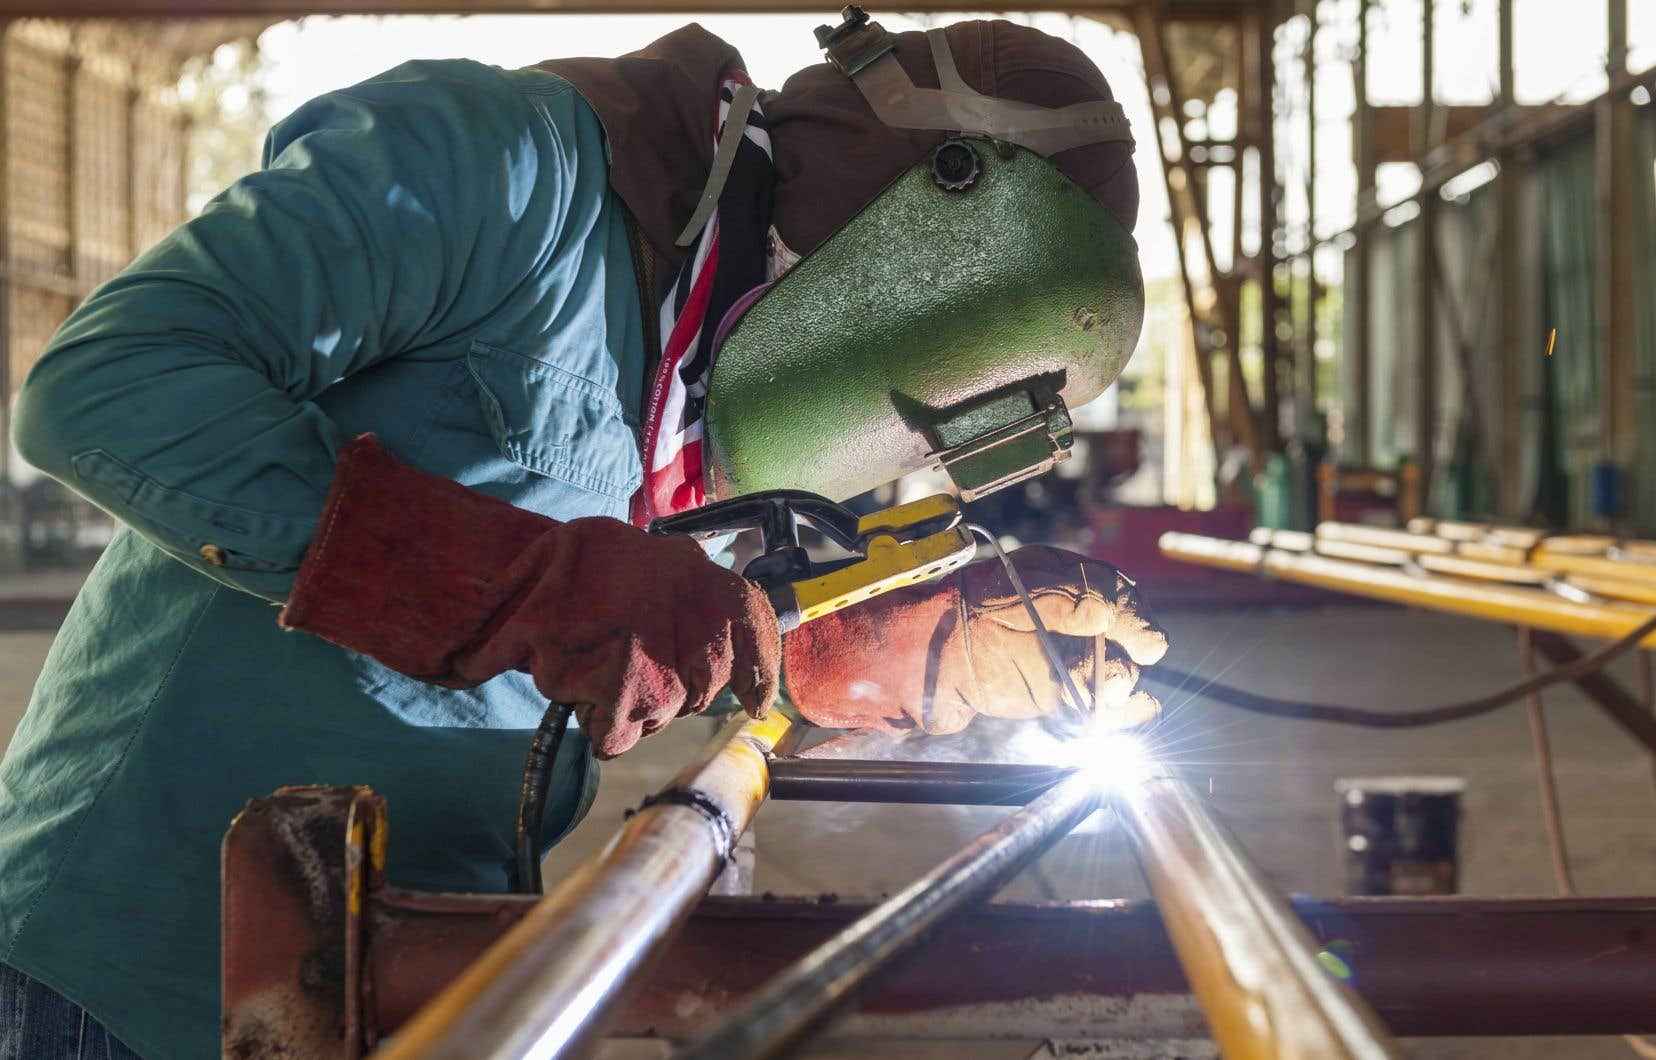 Le secteur manufacturier préoccupe particulièrement la CSN, puisqu'il a été passablement malmené ces dernières années.